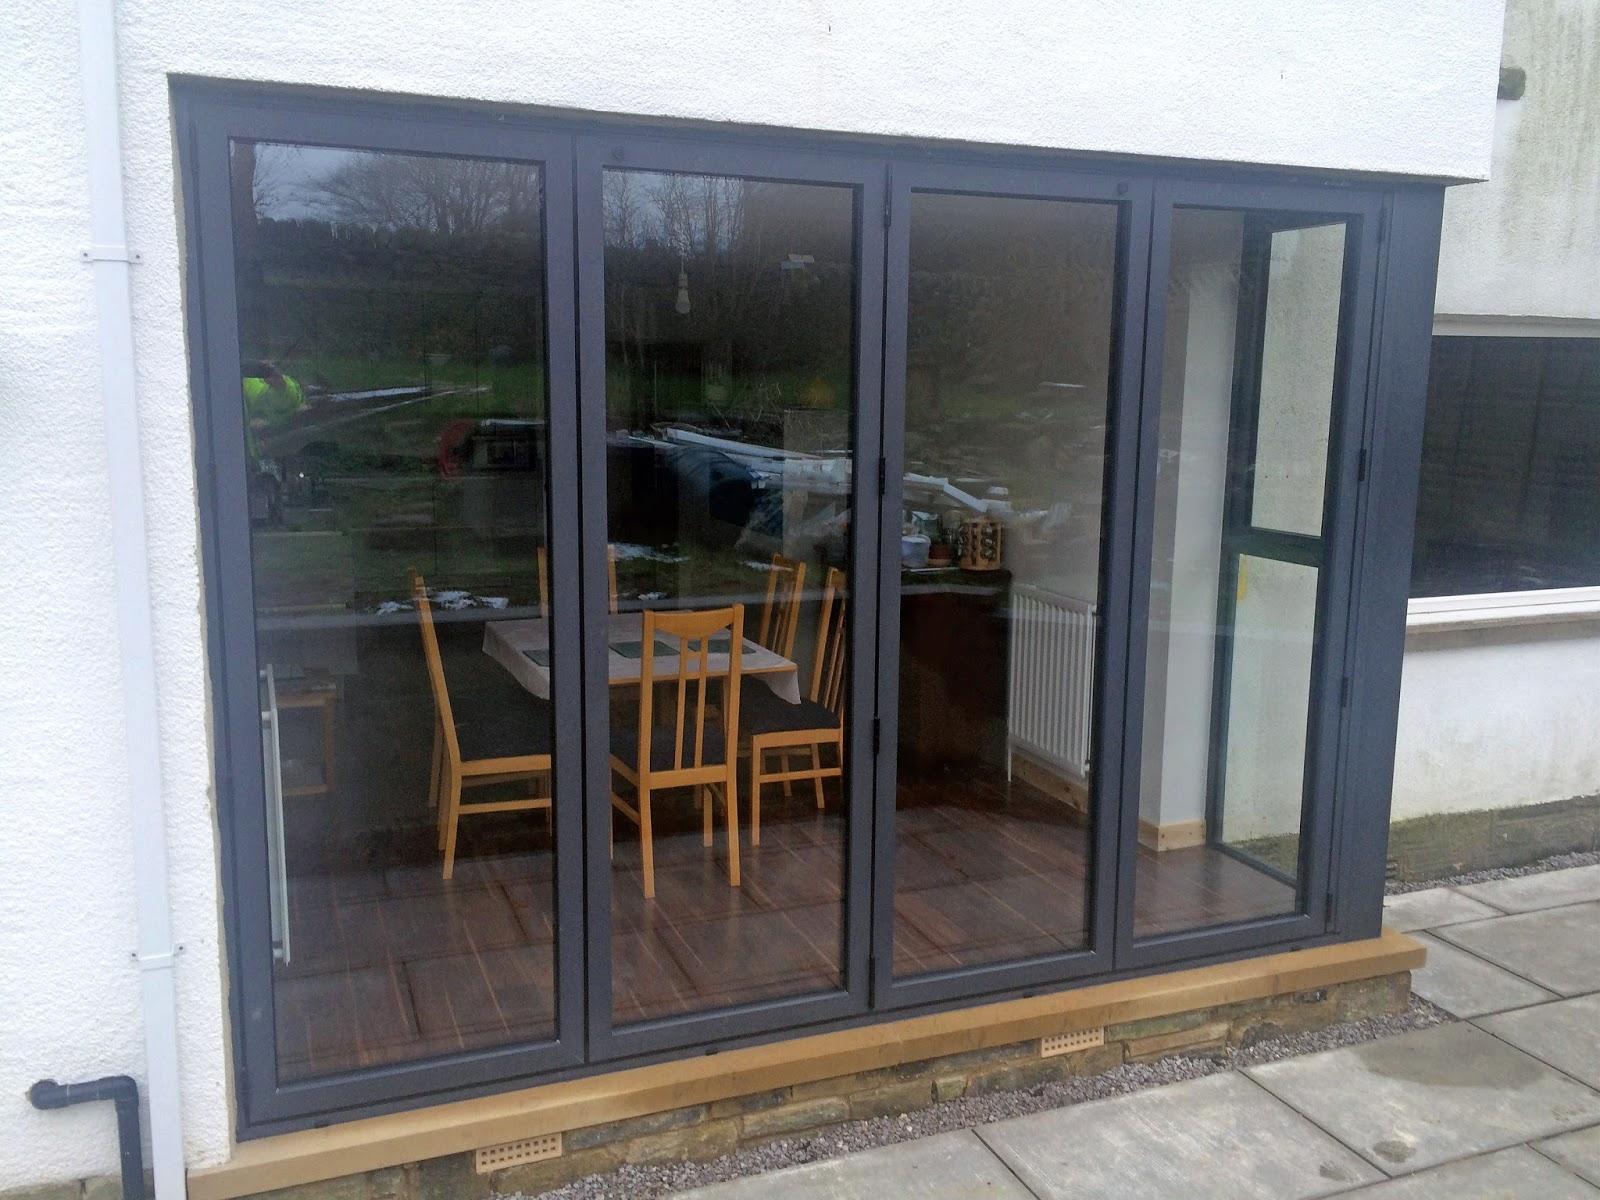 Visofold 1000 bi fold doors Alitherm 800 windows and an Alitherm Plus door & Marlin Windows: Visofold 1000 bi fold doors Alitherm 800 windows ...